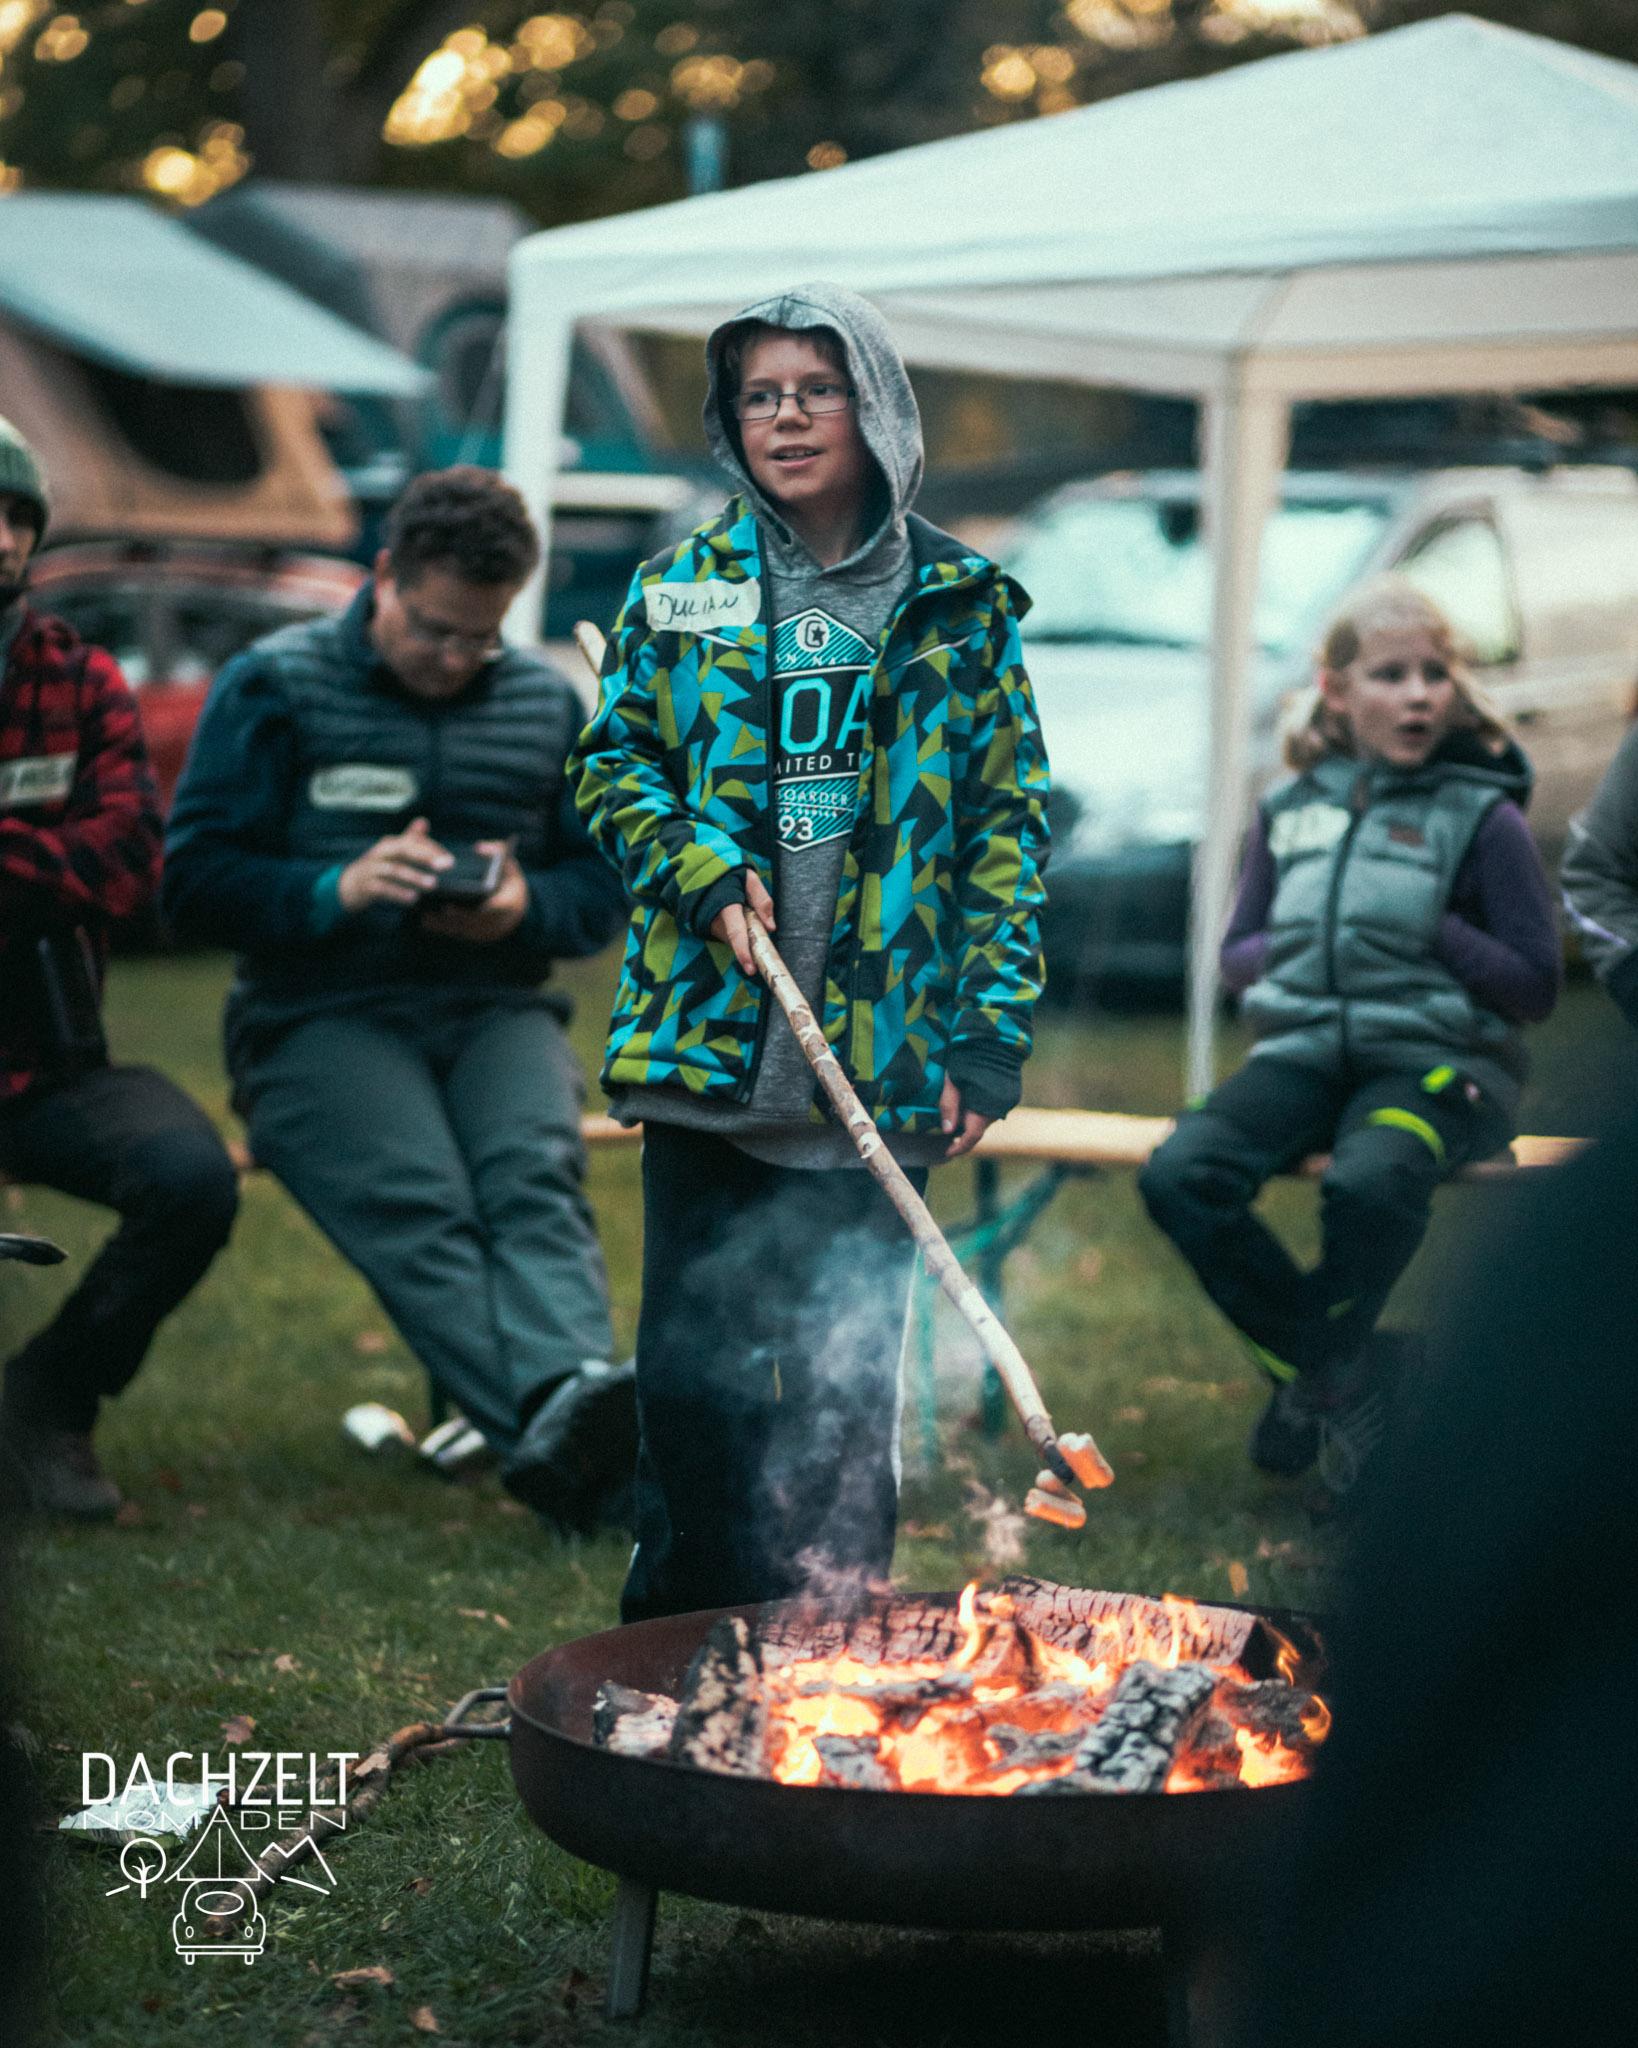 20191003-Dachzelt-Meetup-Hamburg-Dennis-Brandt-✅ DB 0842